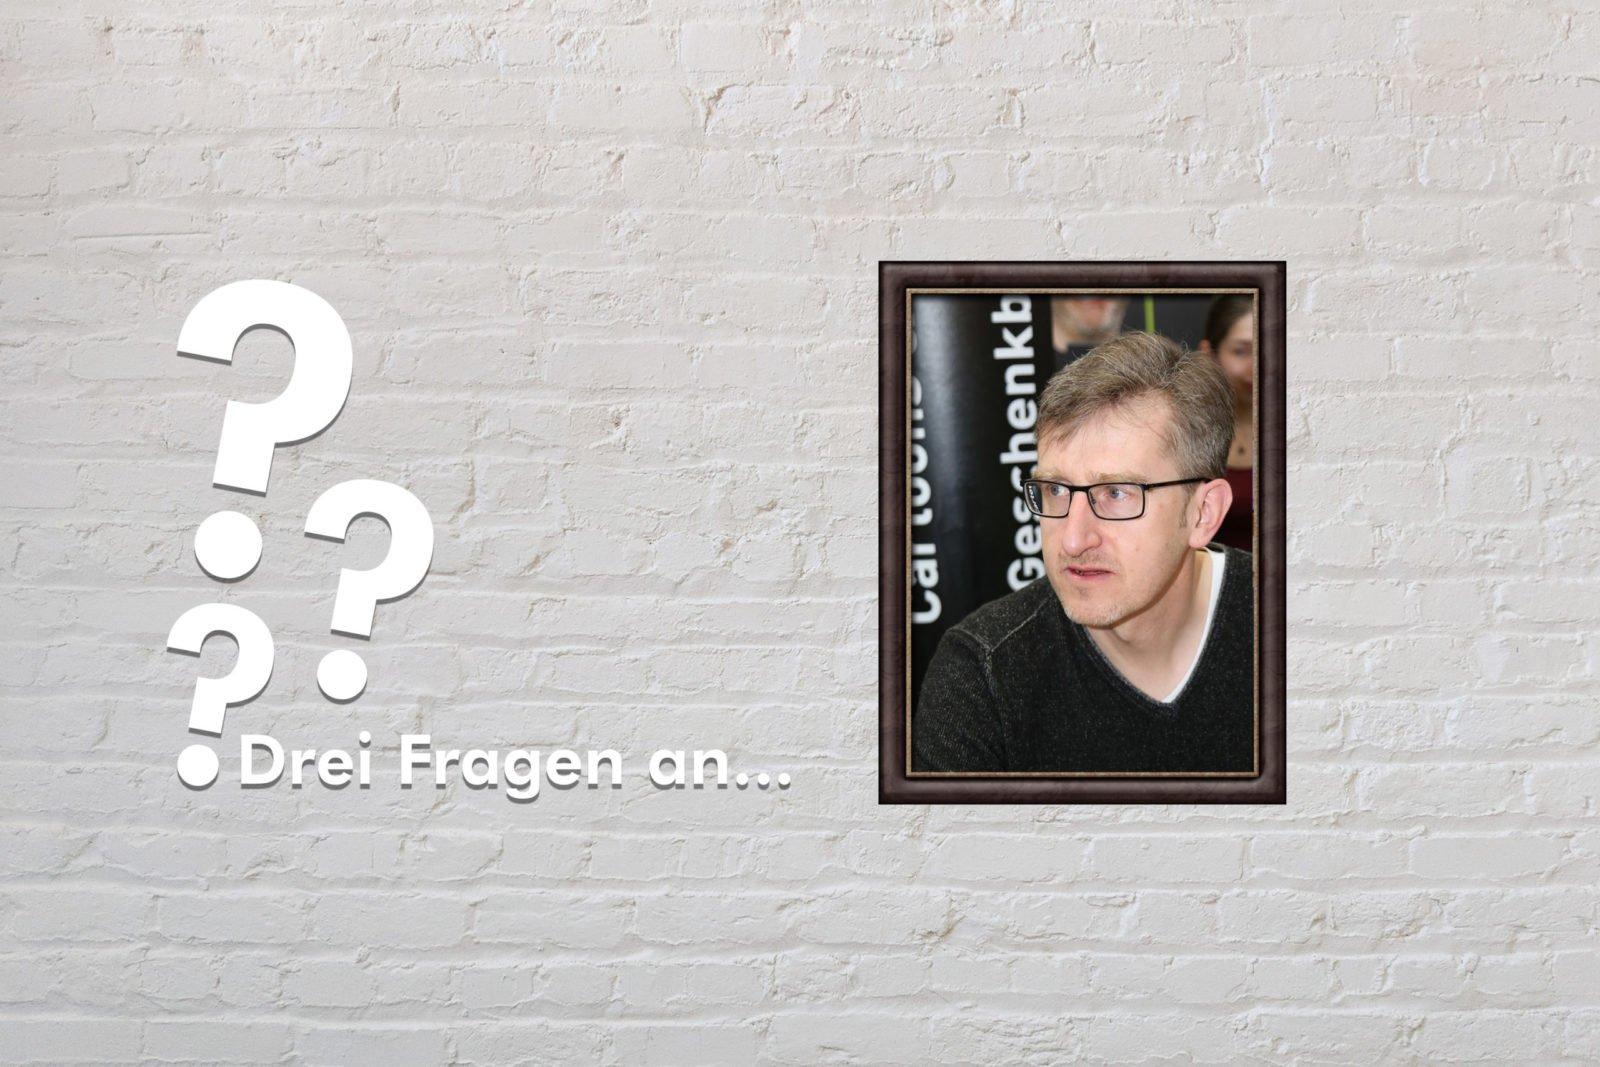 Fotomontage: Eine weiße Steinwand - darauf ein Rahmen, in den ein Bild von Phil Hubbe montiert ist, daneben der Schriftzug Drei Fragen an... und drei Fragezeichen.